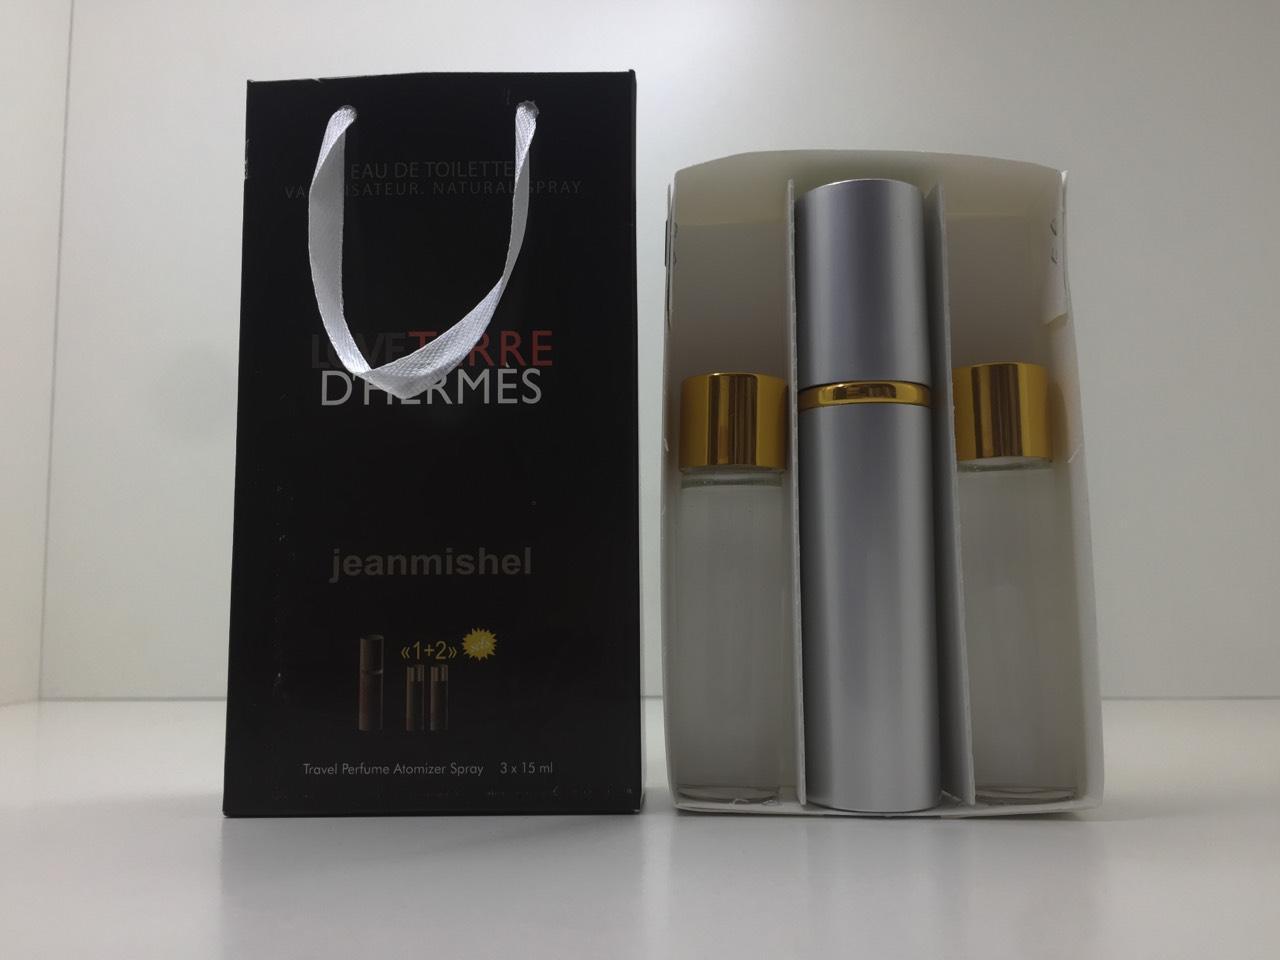 Подарунковий набір парфумів Jeanmishel Terre d'hermes (Жанмишель Терре Гермес) 3 по 15 мл